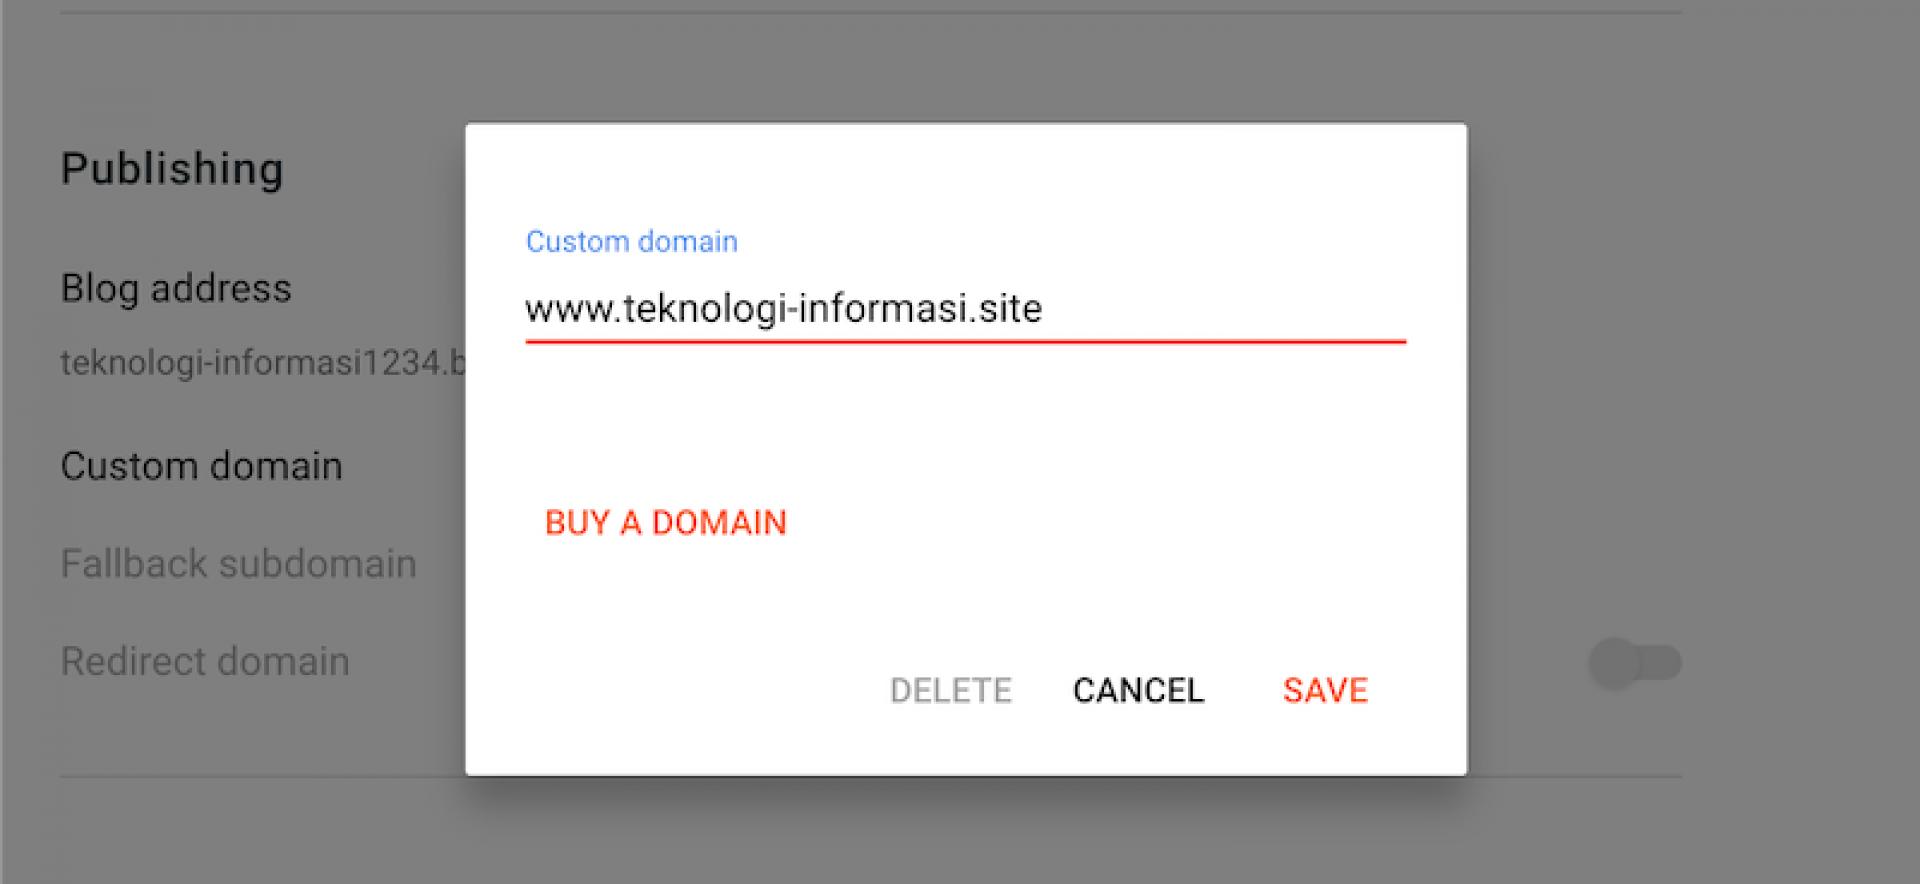 Pengaturan Custom Domain di Blogger.com